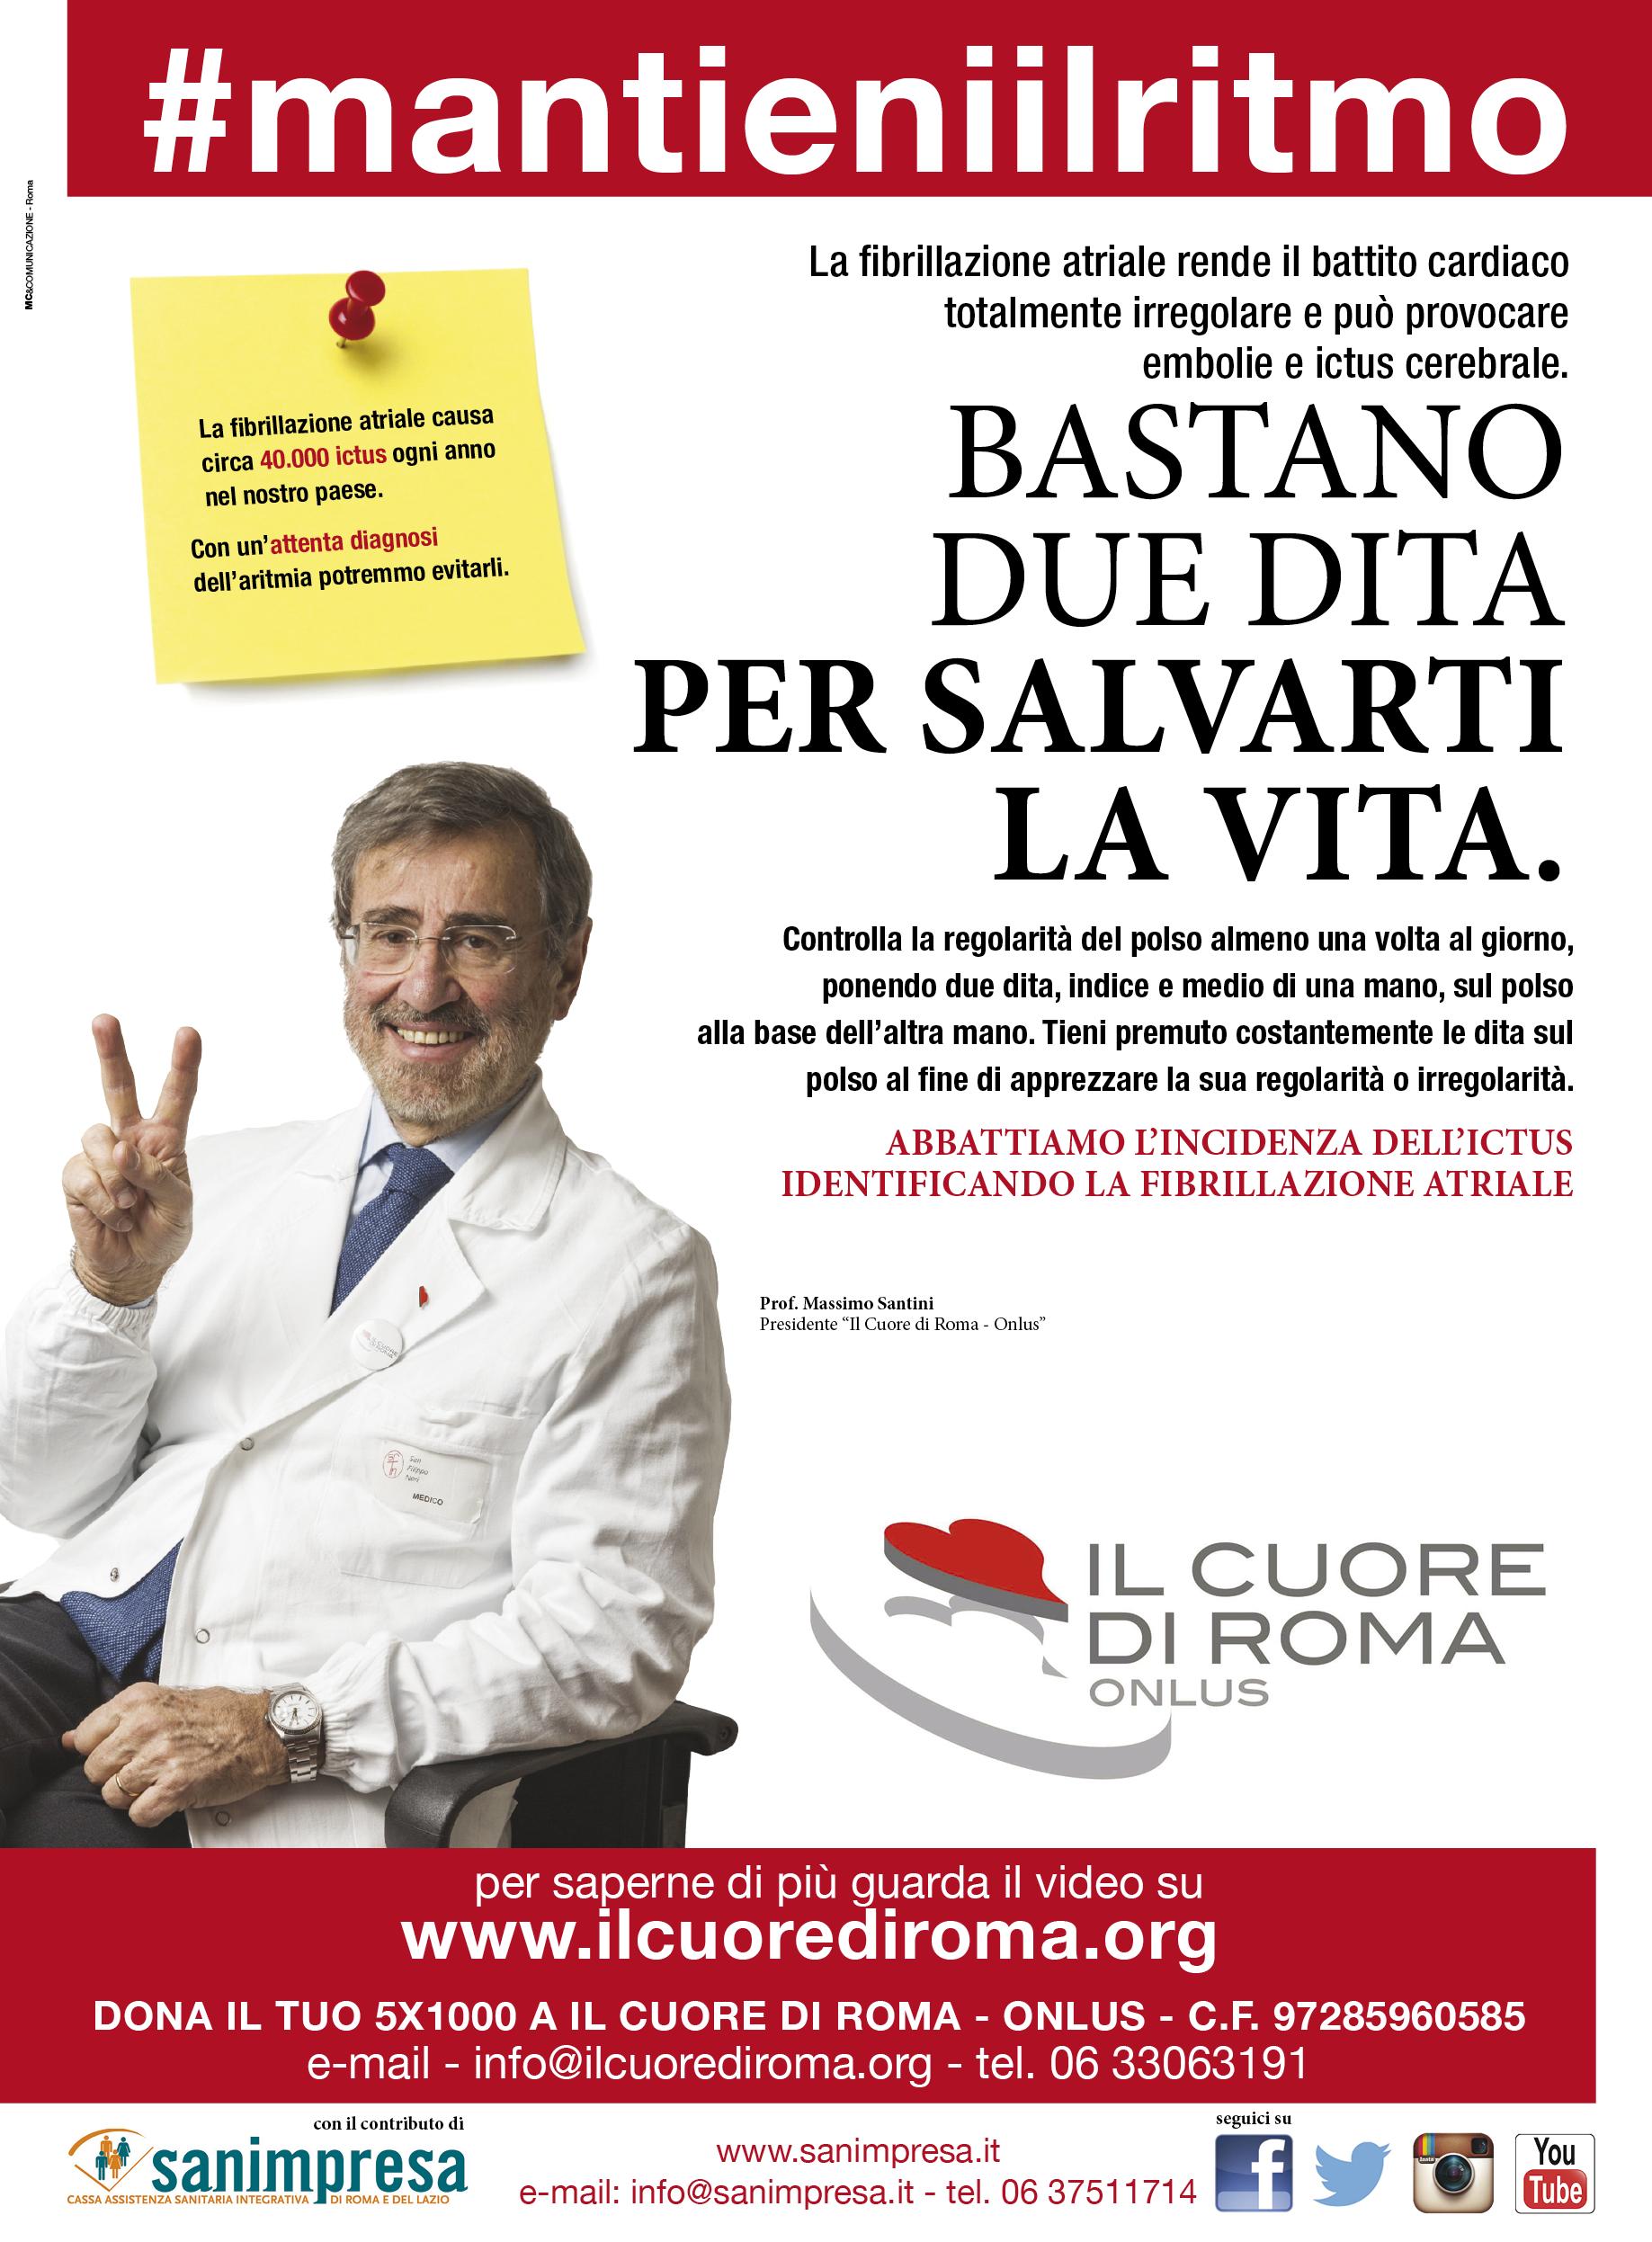 IL CUORE DI ROMA ONLUS - campagna prevenzione